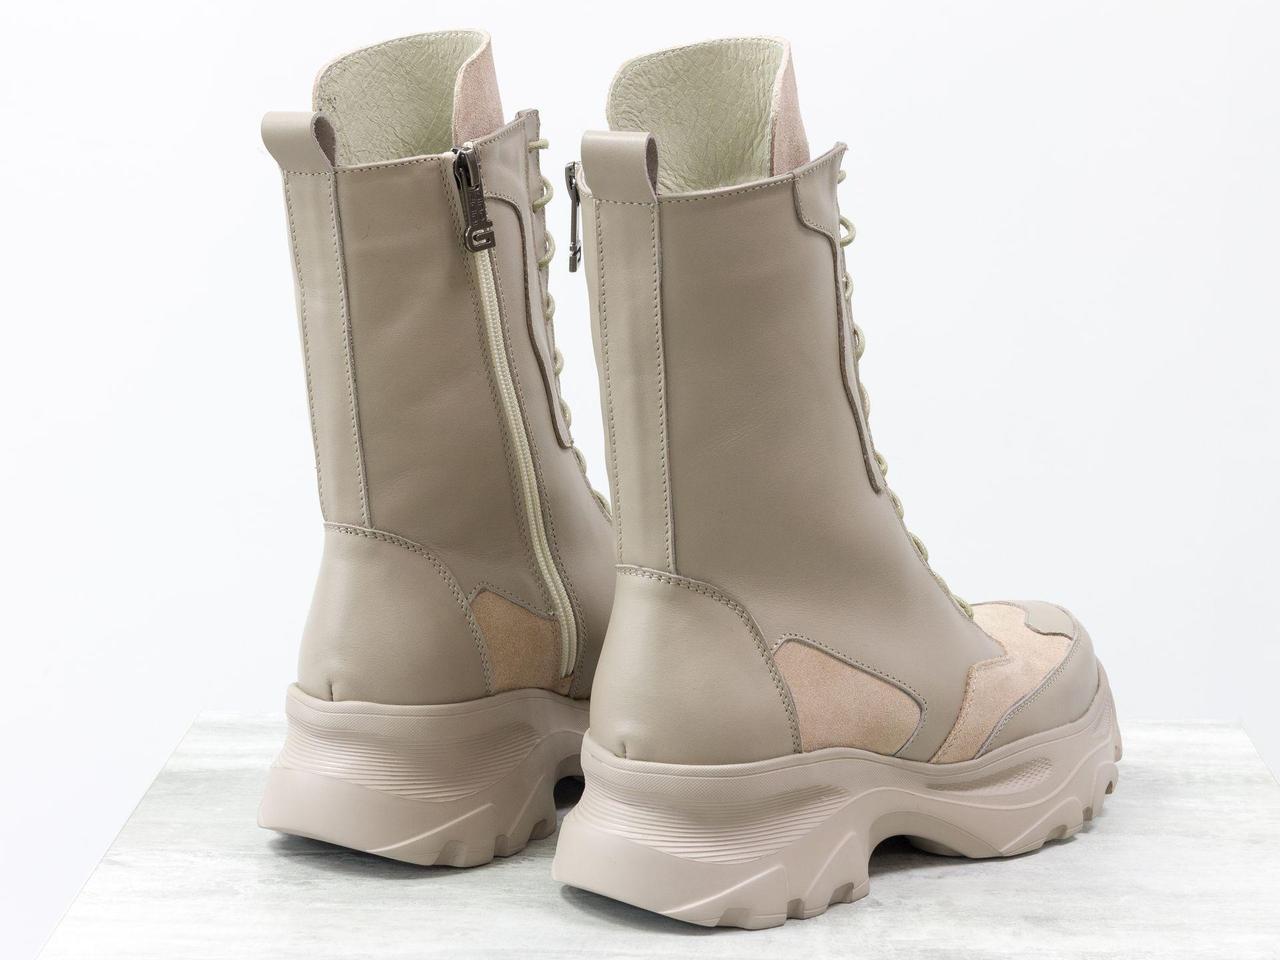 Высокие ботинки берцы 40 размер - фото 5